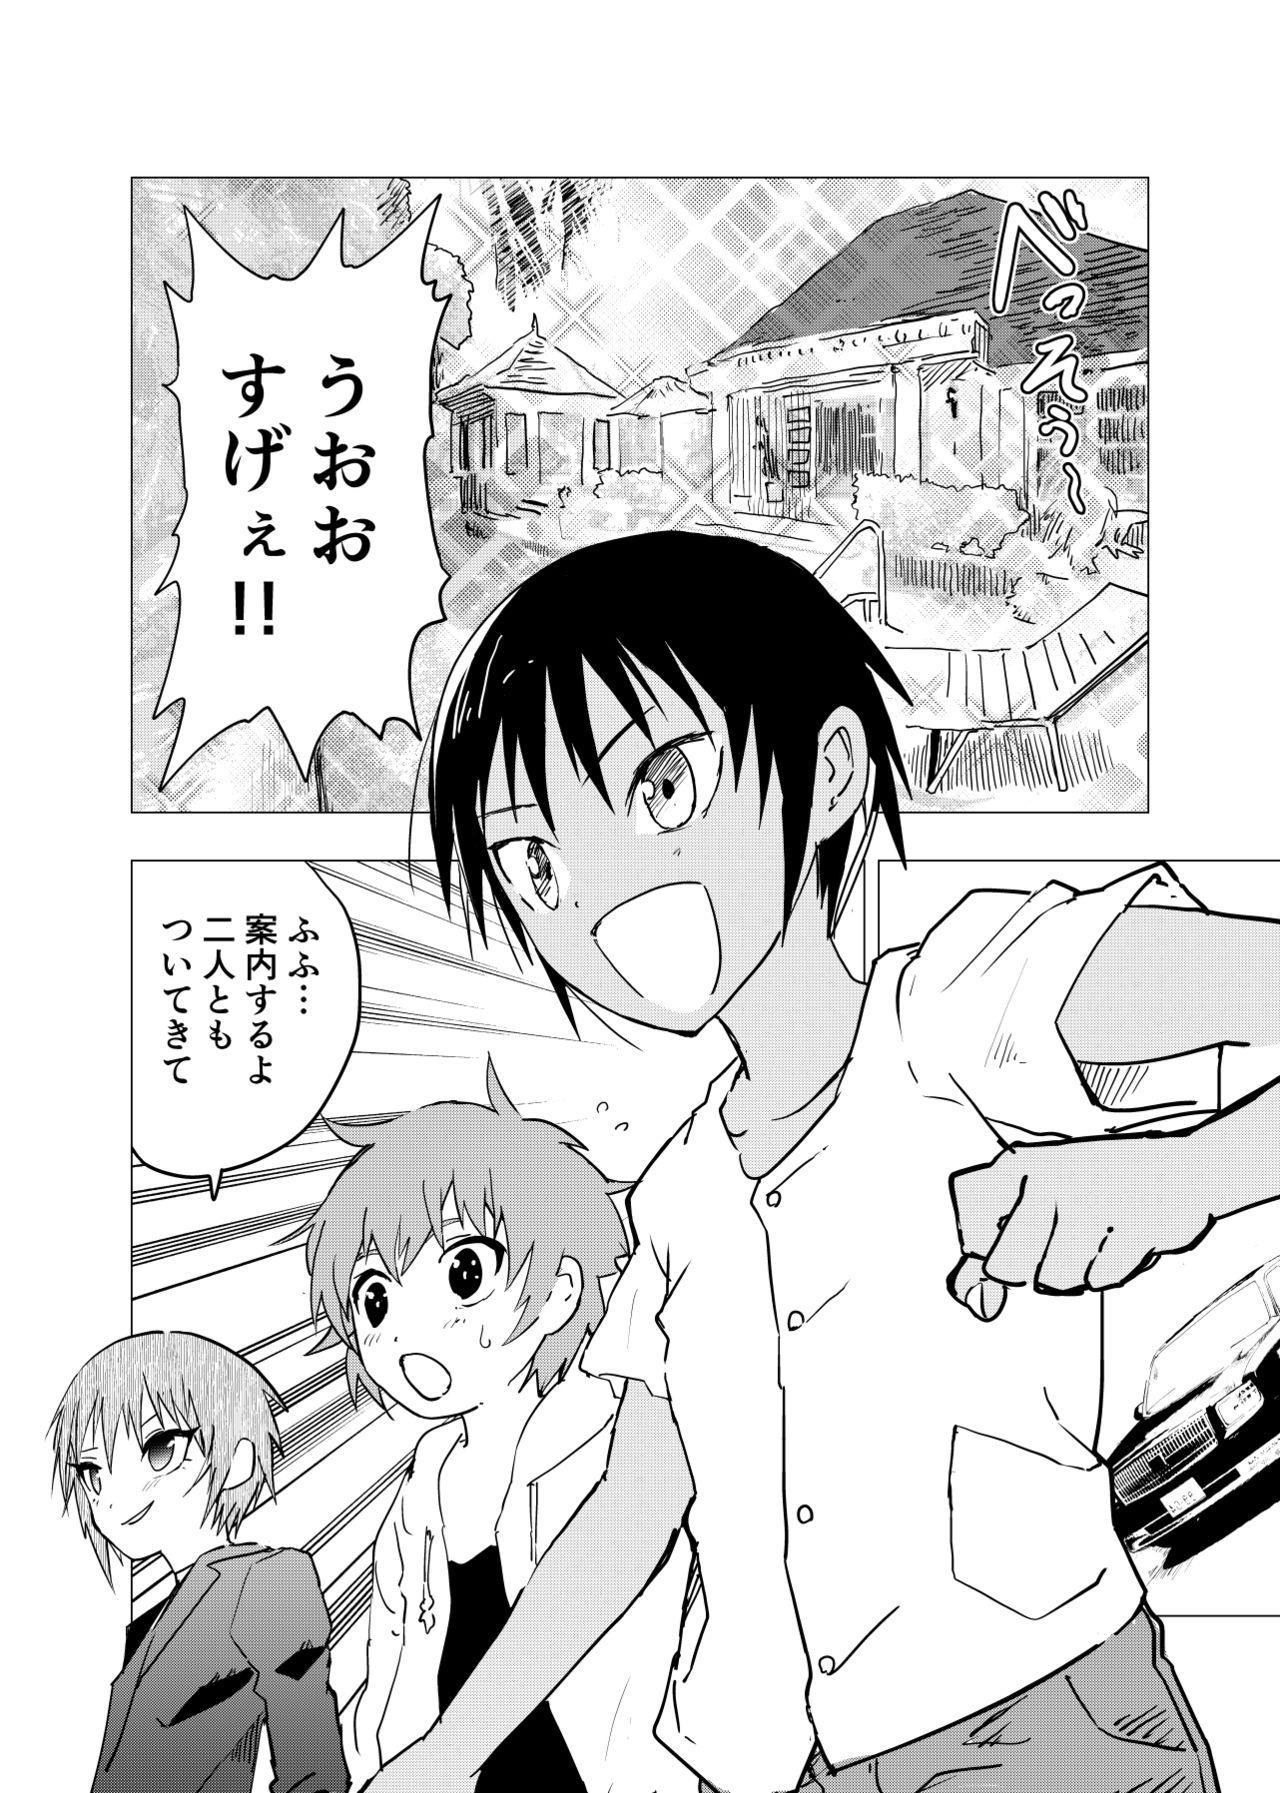 Inaka no Uke Shounen to Tokai no Seme Shounen no Ero Manga 1-6 116